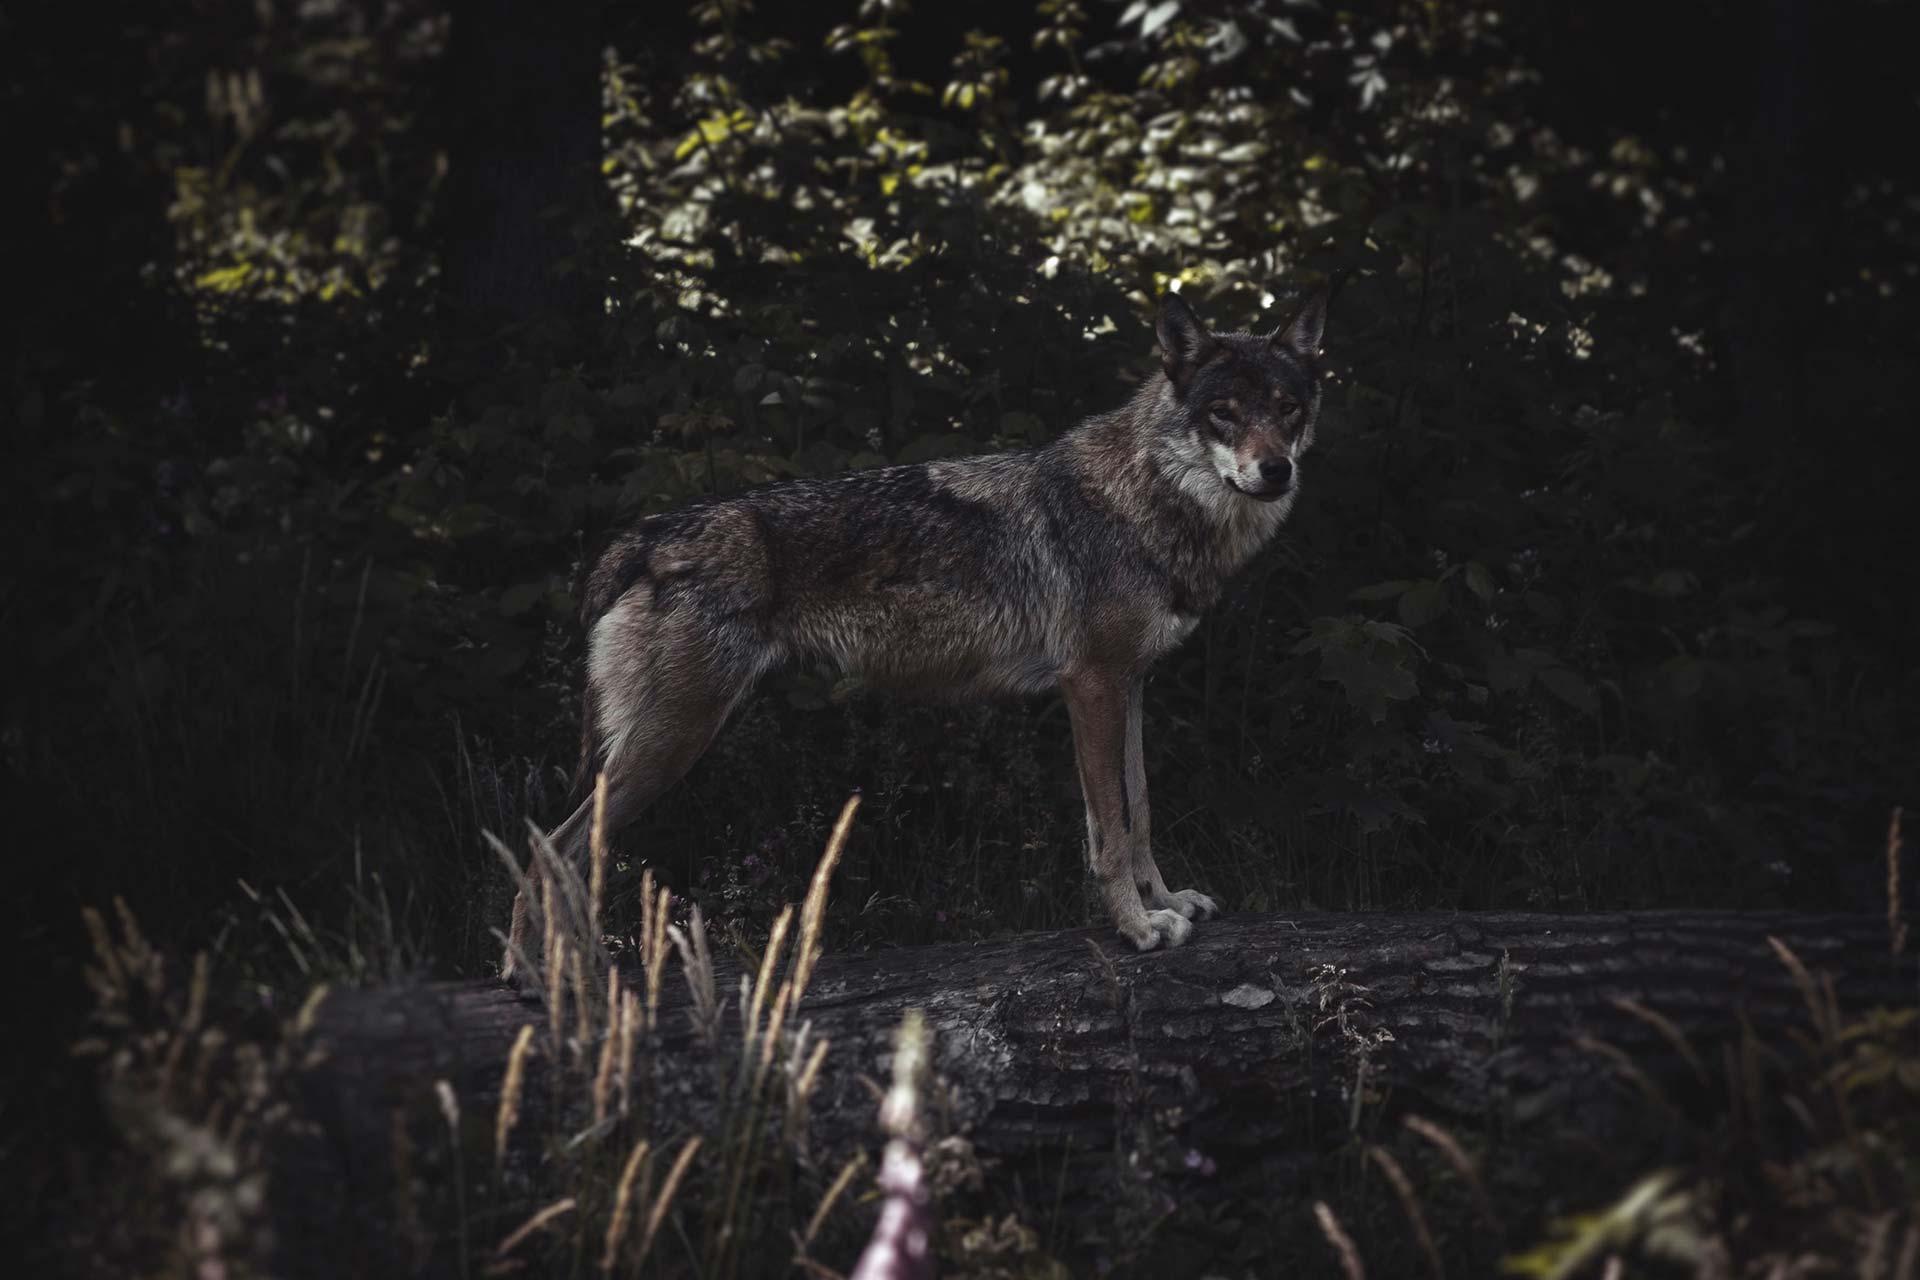 Loup solitaire du parc animalier Les Loups du Gévaudan